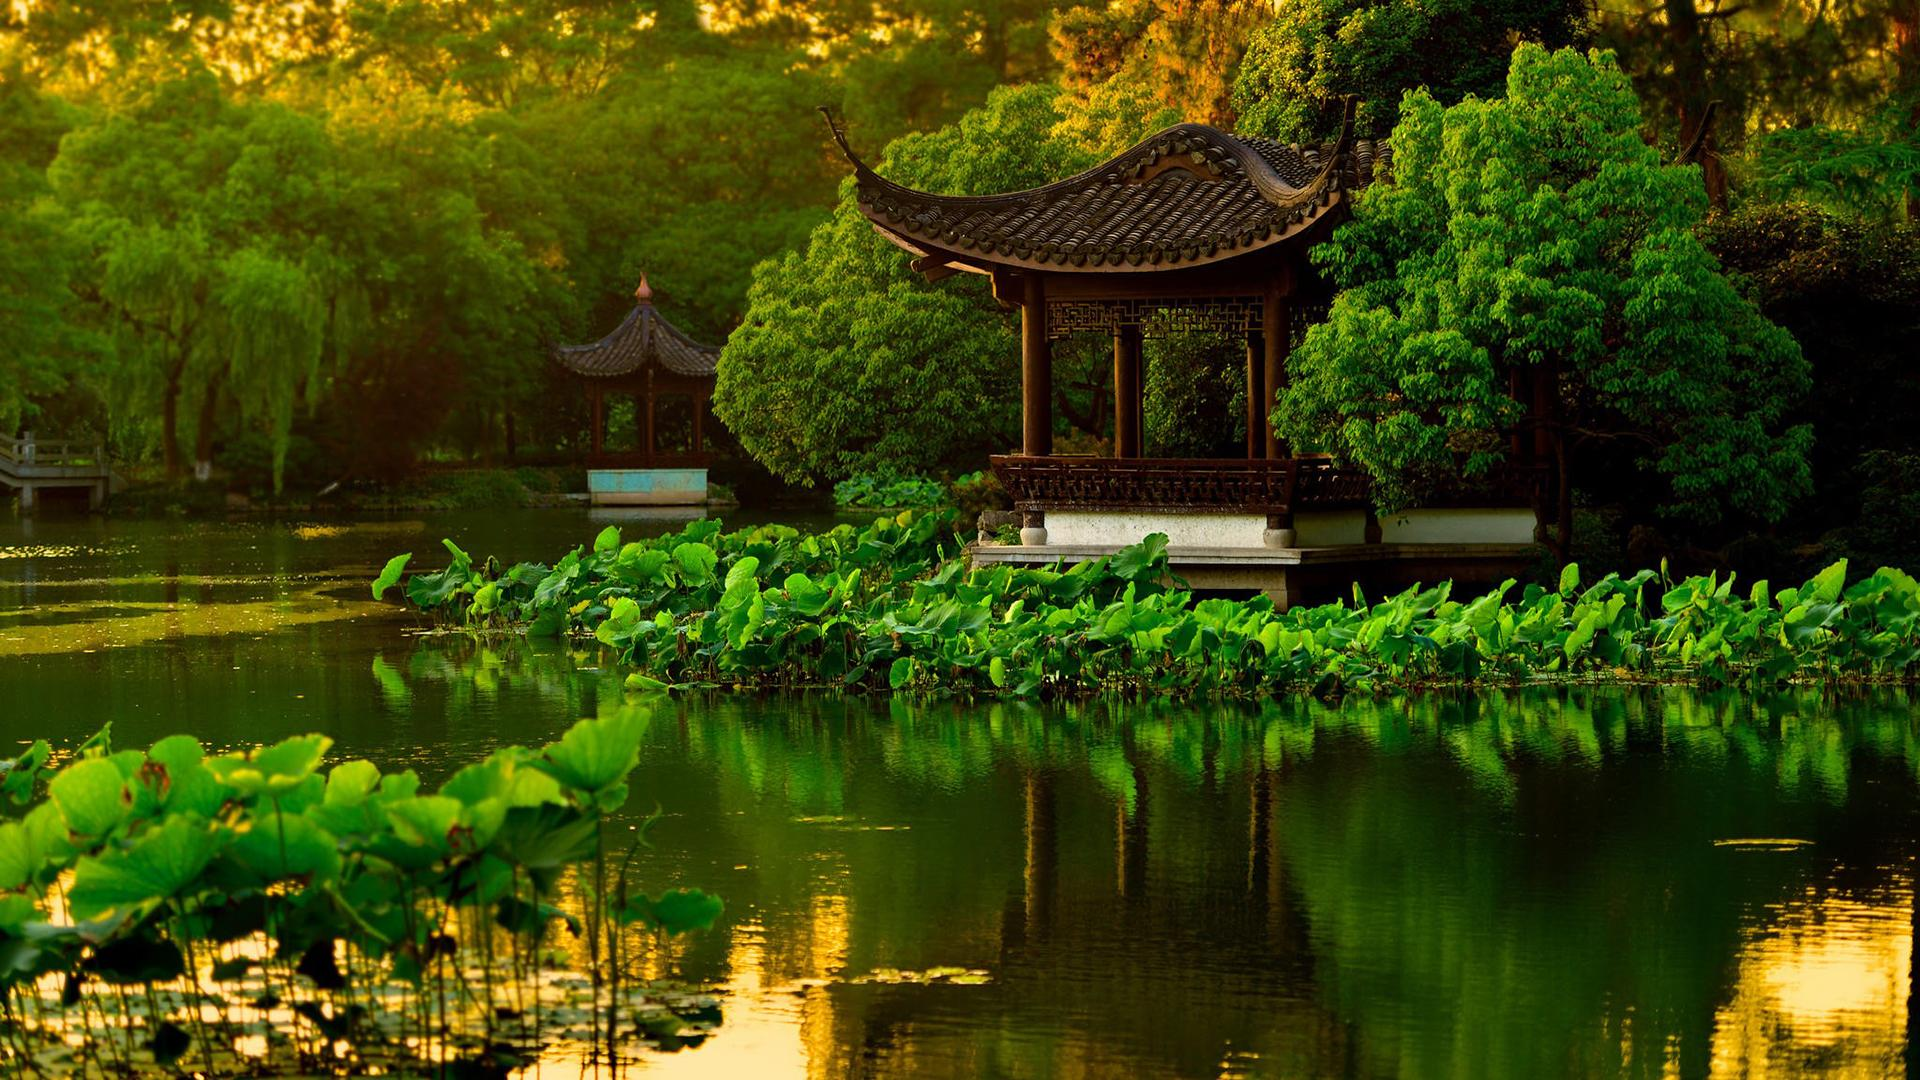 绿色花园风景图片高清宽屏桌面壁纸_图片新闻_东方头条